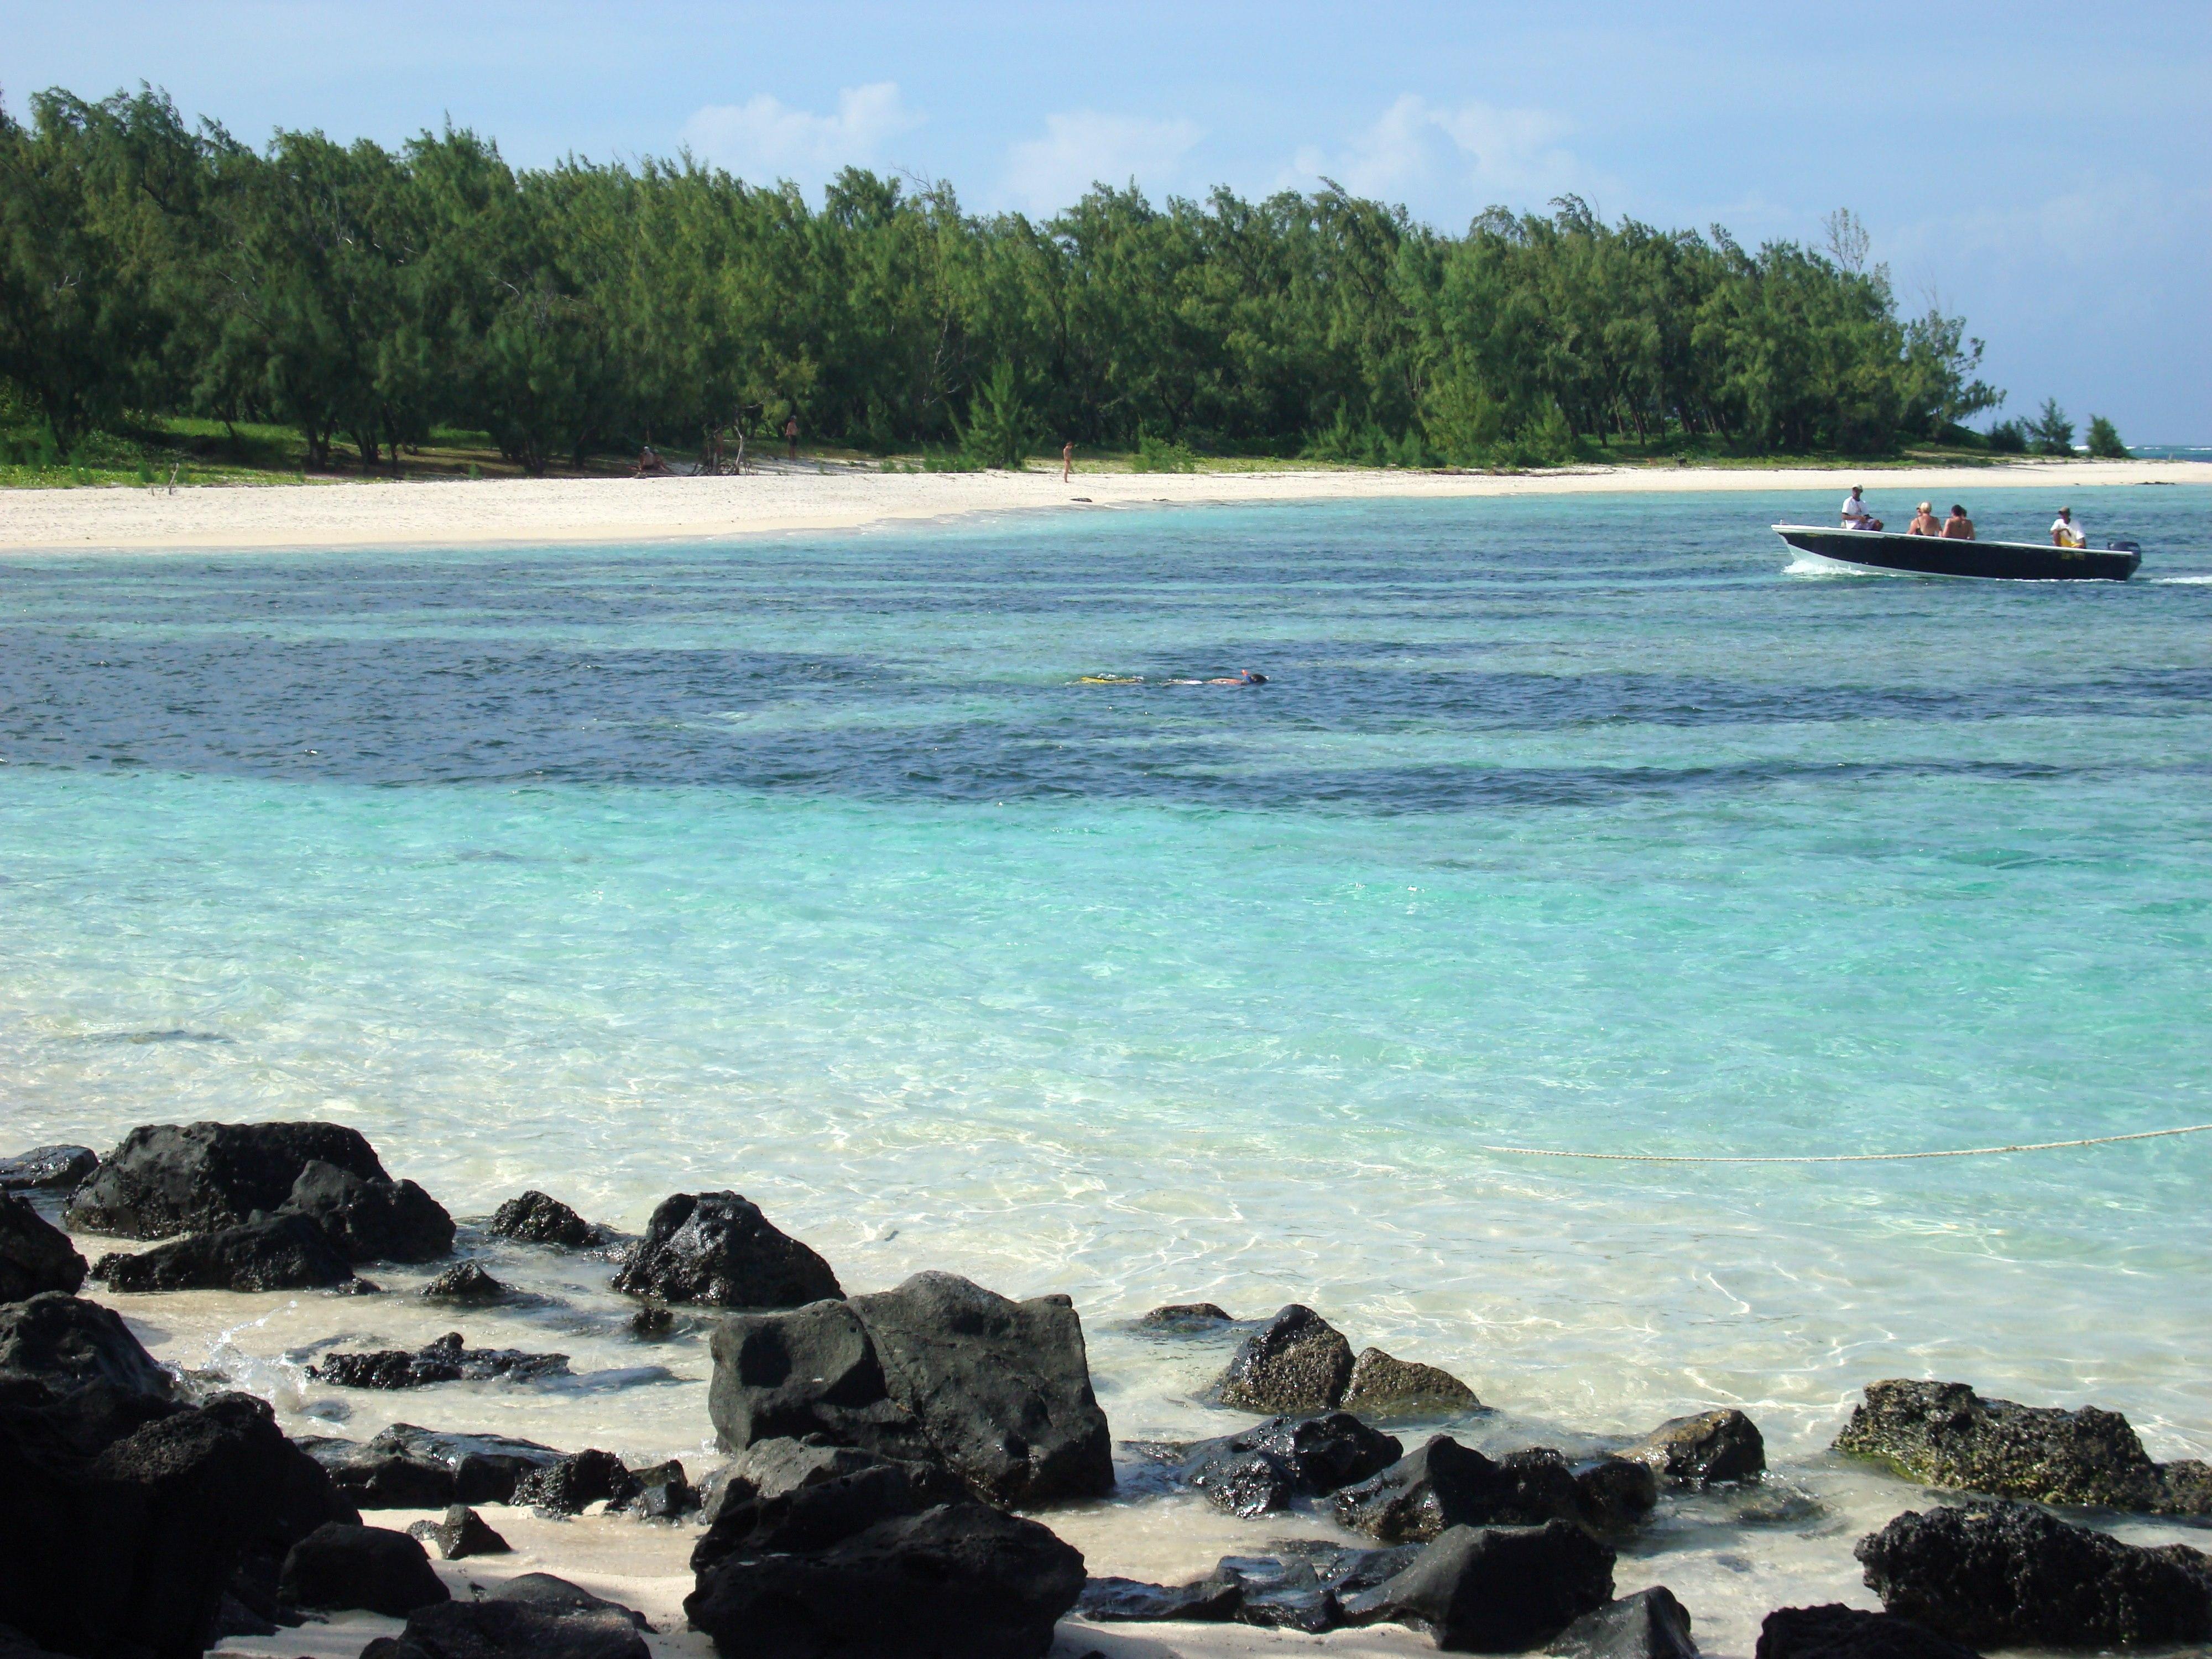 Ein Boot im türkisblauen Waser vor einer Küste mit weißem Sand und grünen Bäumen